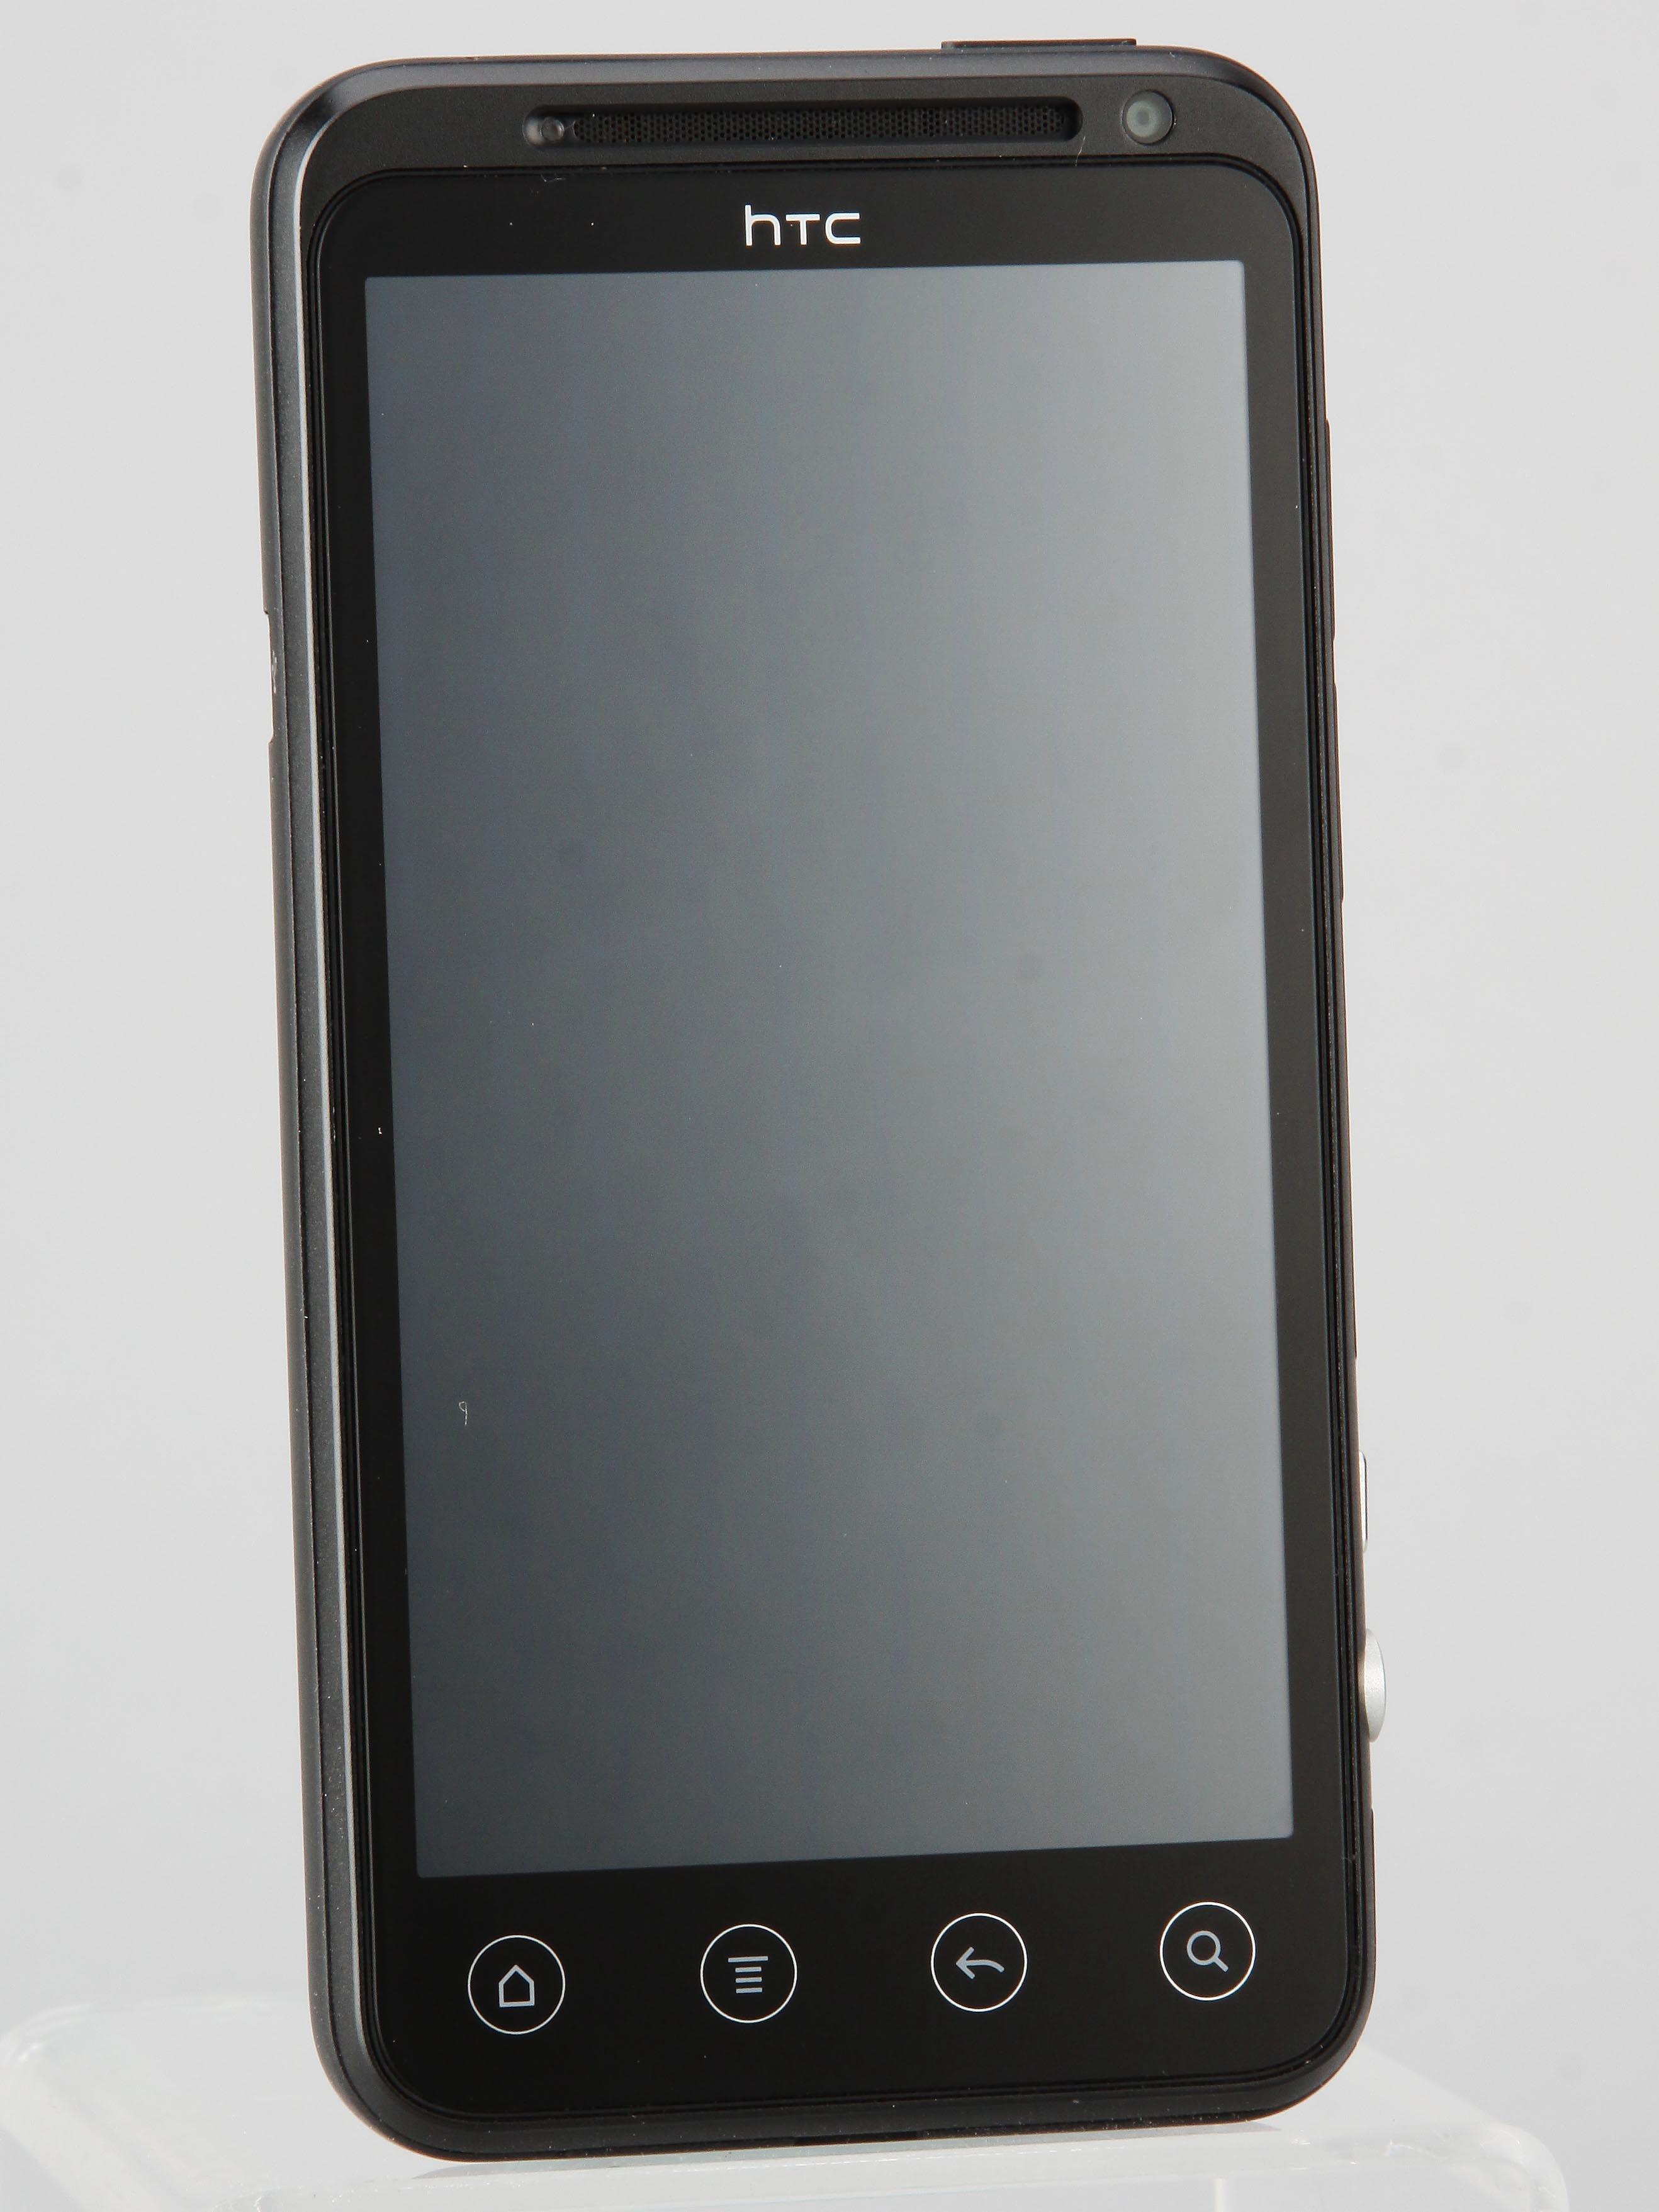 雙核心 3D 手機 HTC EVO 3D 實測